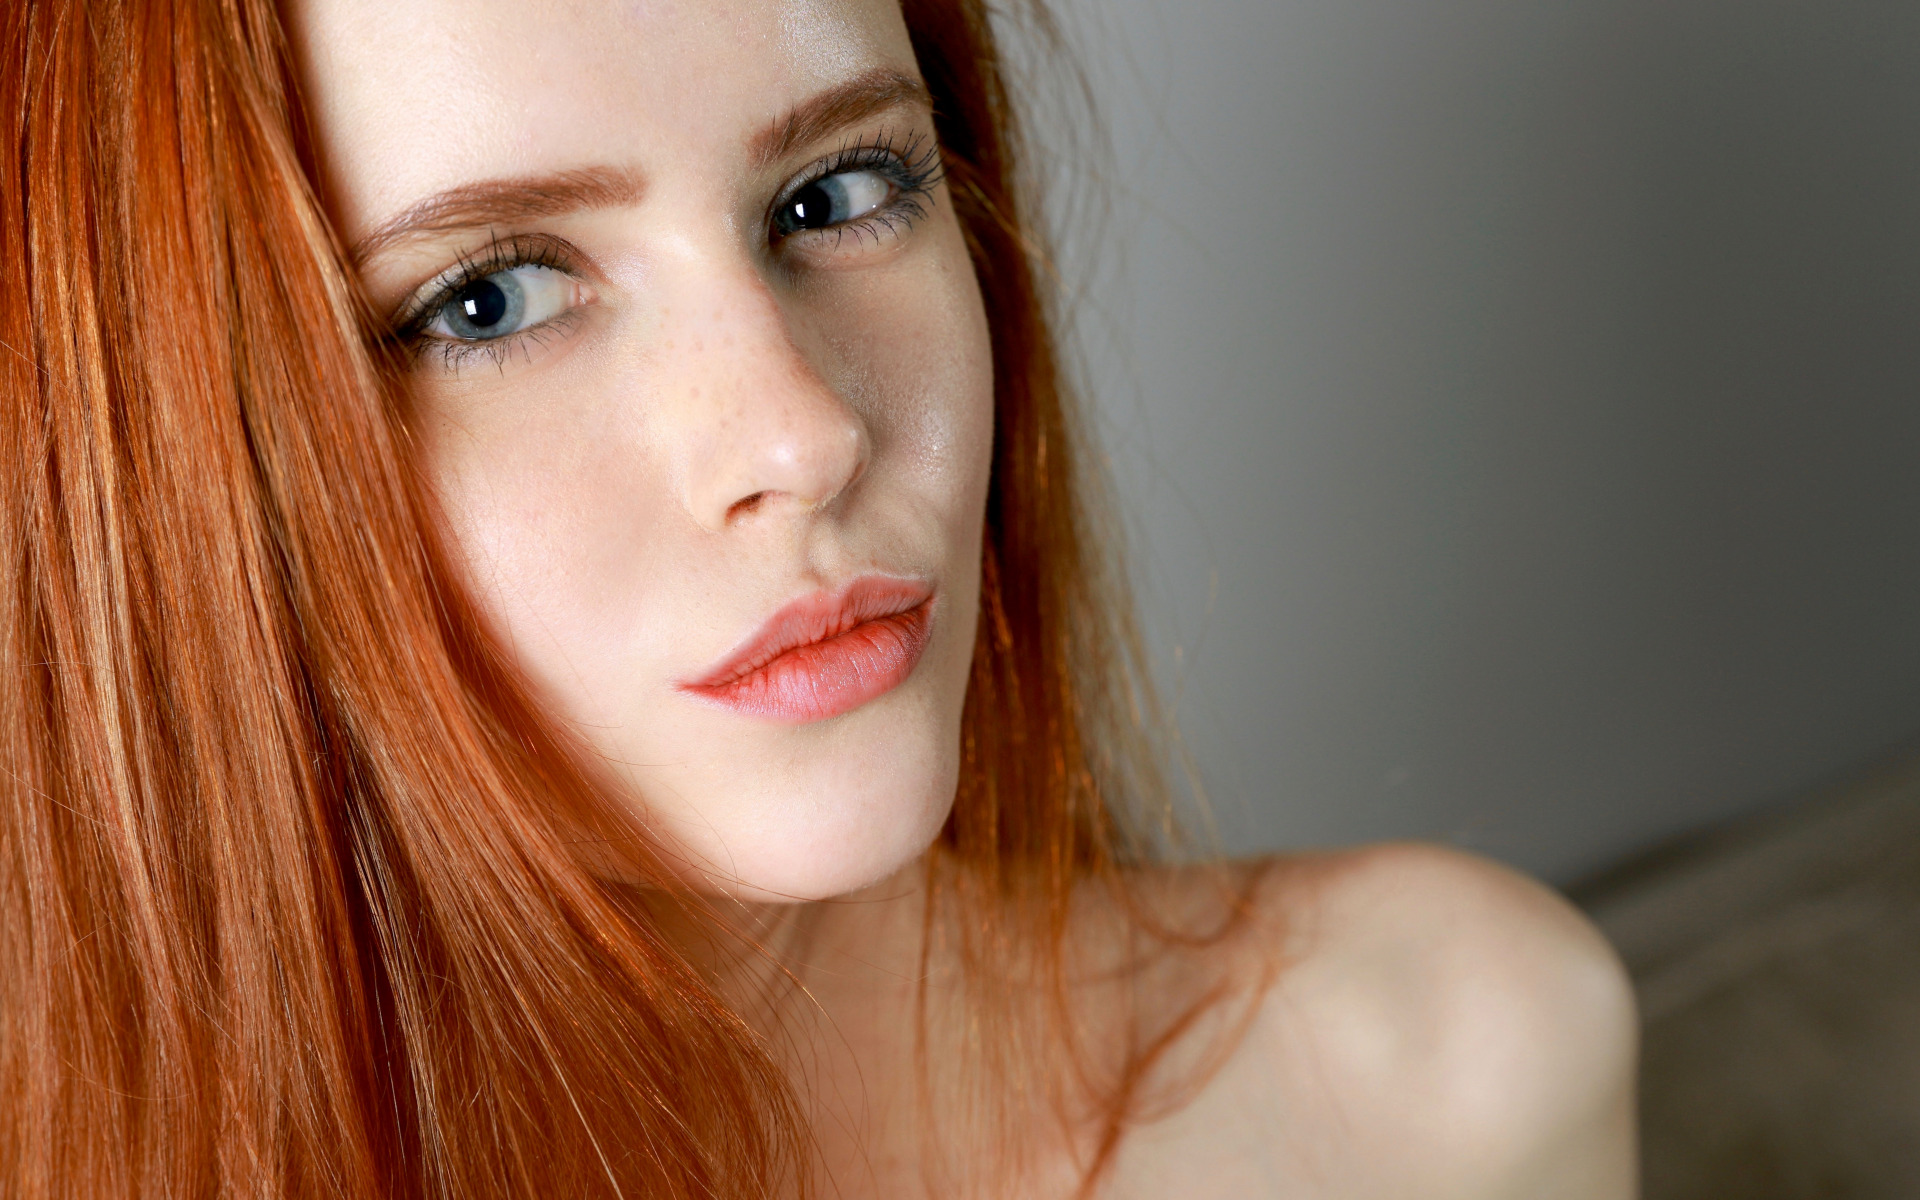 Videos redheads videos redtube kissing redhead